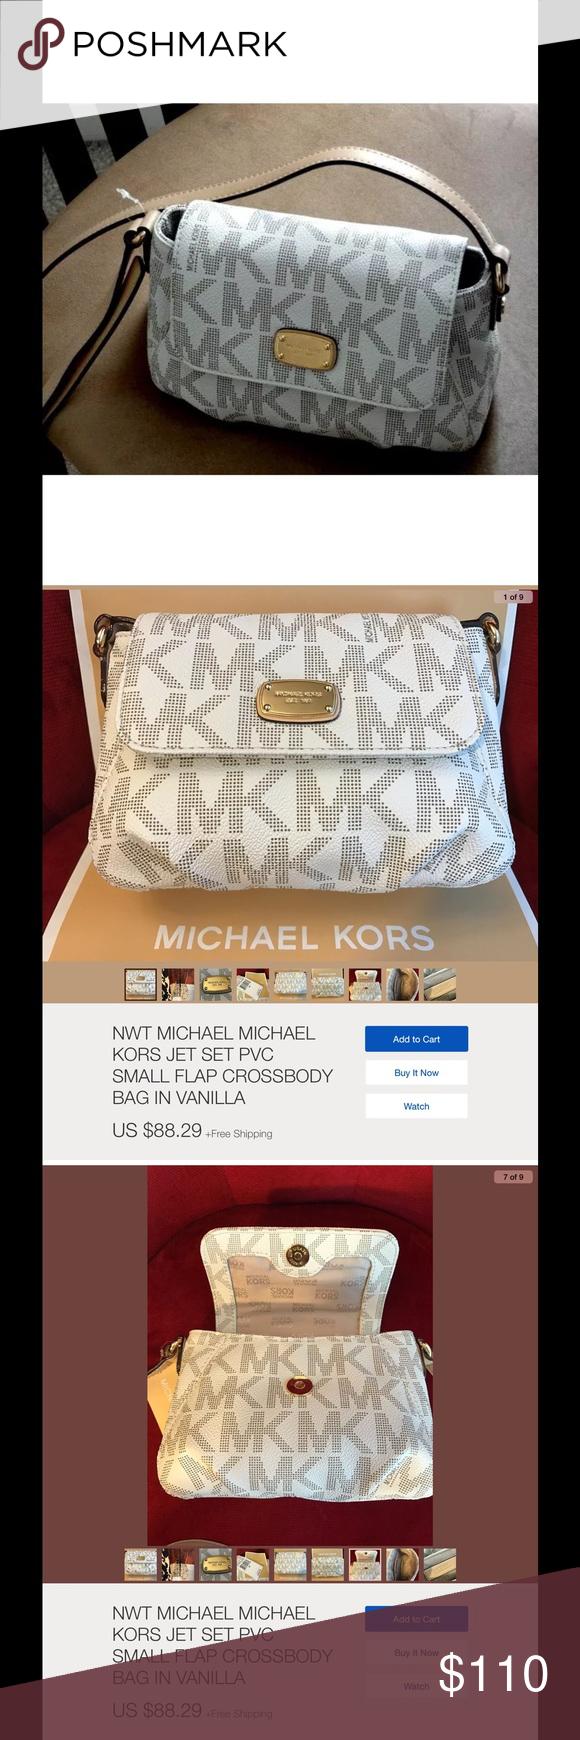 d851696a99ea Micheal Kors Crossbody Bags Micheal Kors Small Jet Set Flap Crossbody Bag  Vanilla KORS Michael Kors Bags Crossbody Bags